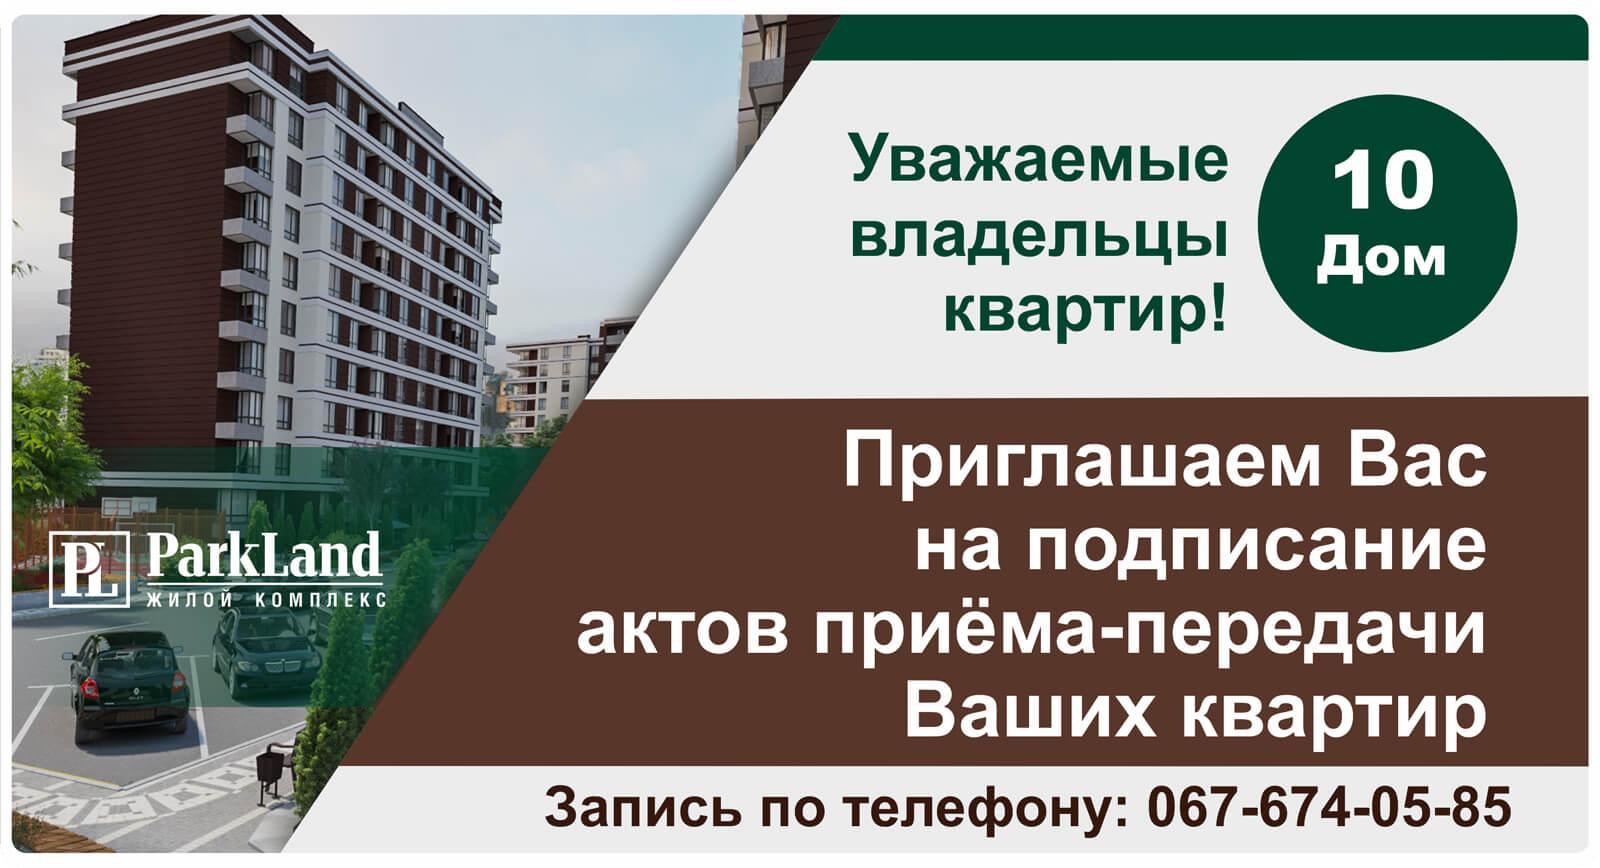 nws240118-ru